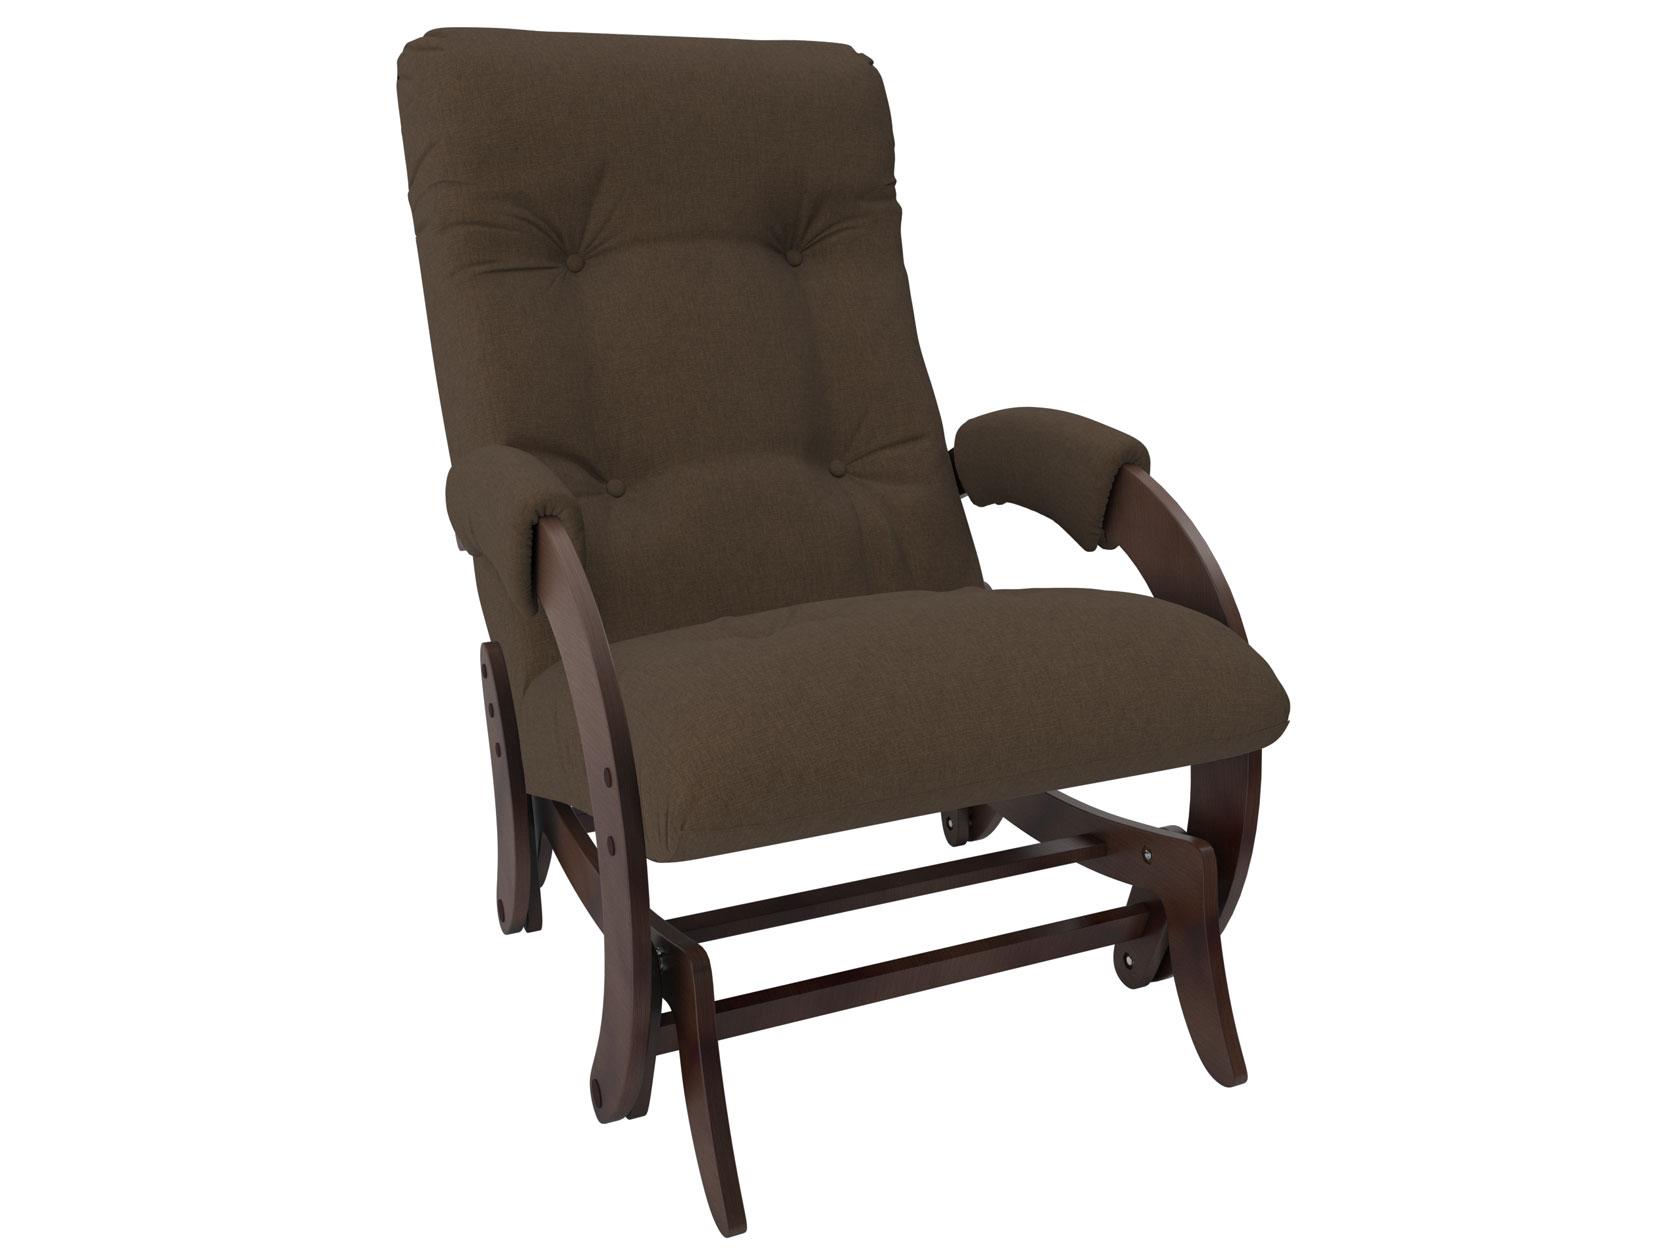 Кресло-глайдер 150-100243